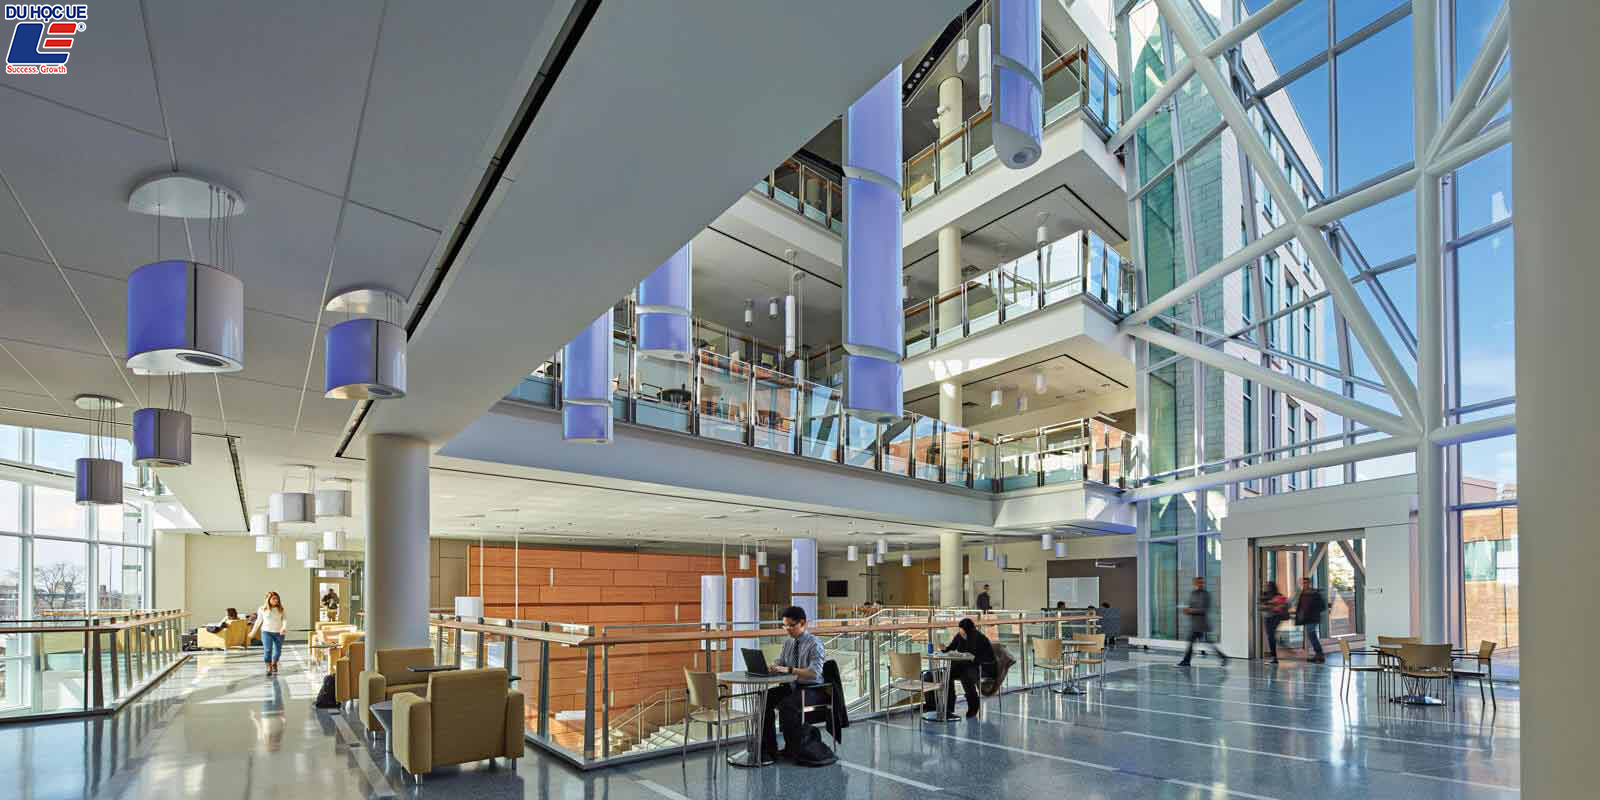 University Of Massachusetts Boston - Điểm đến của những nghiên cứu sinh 3